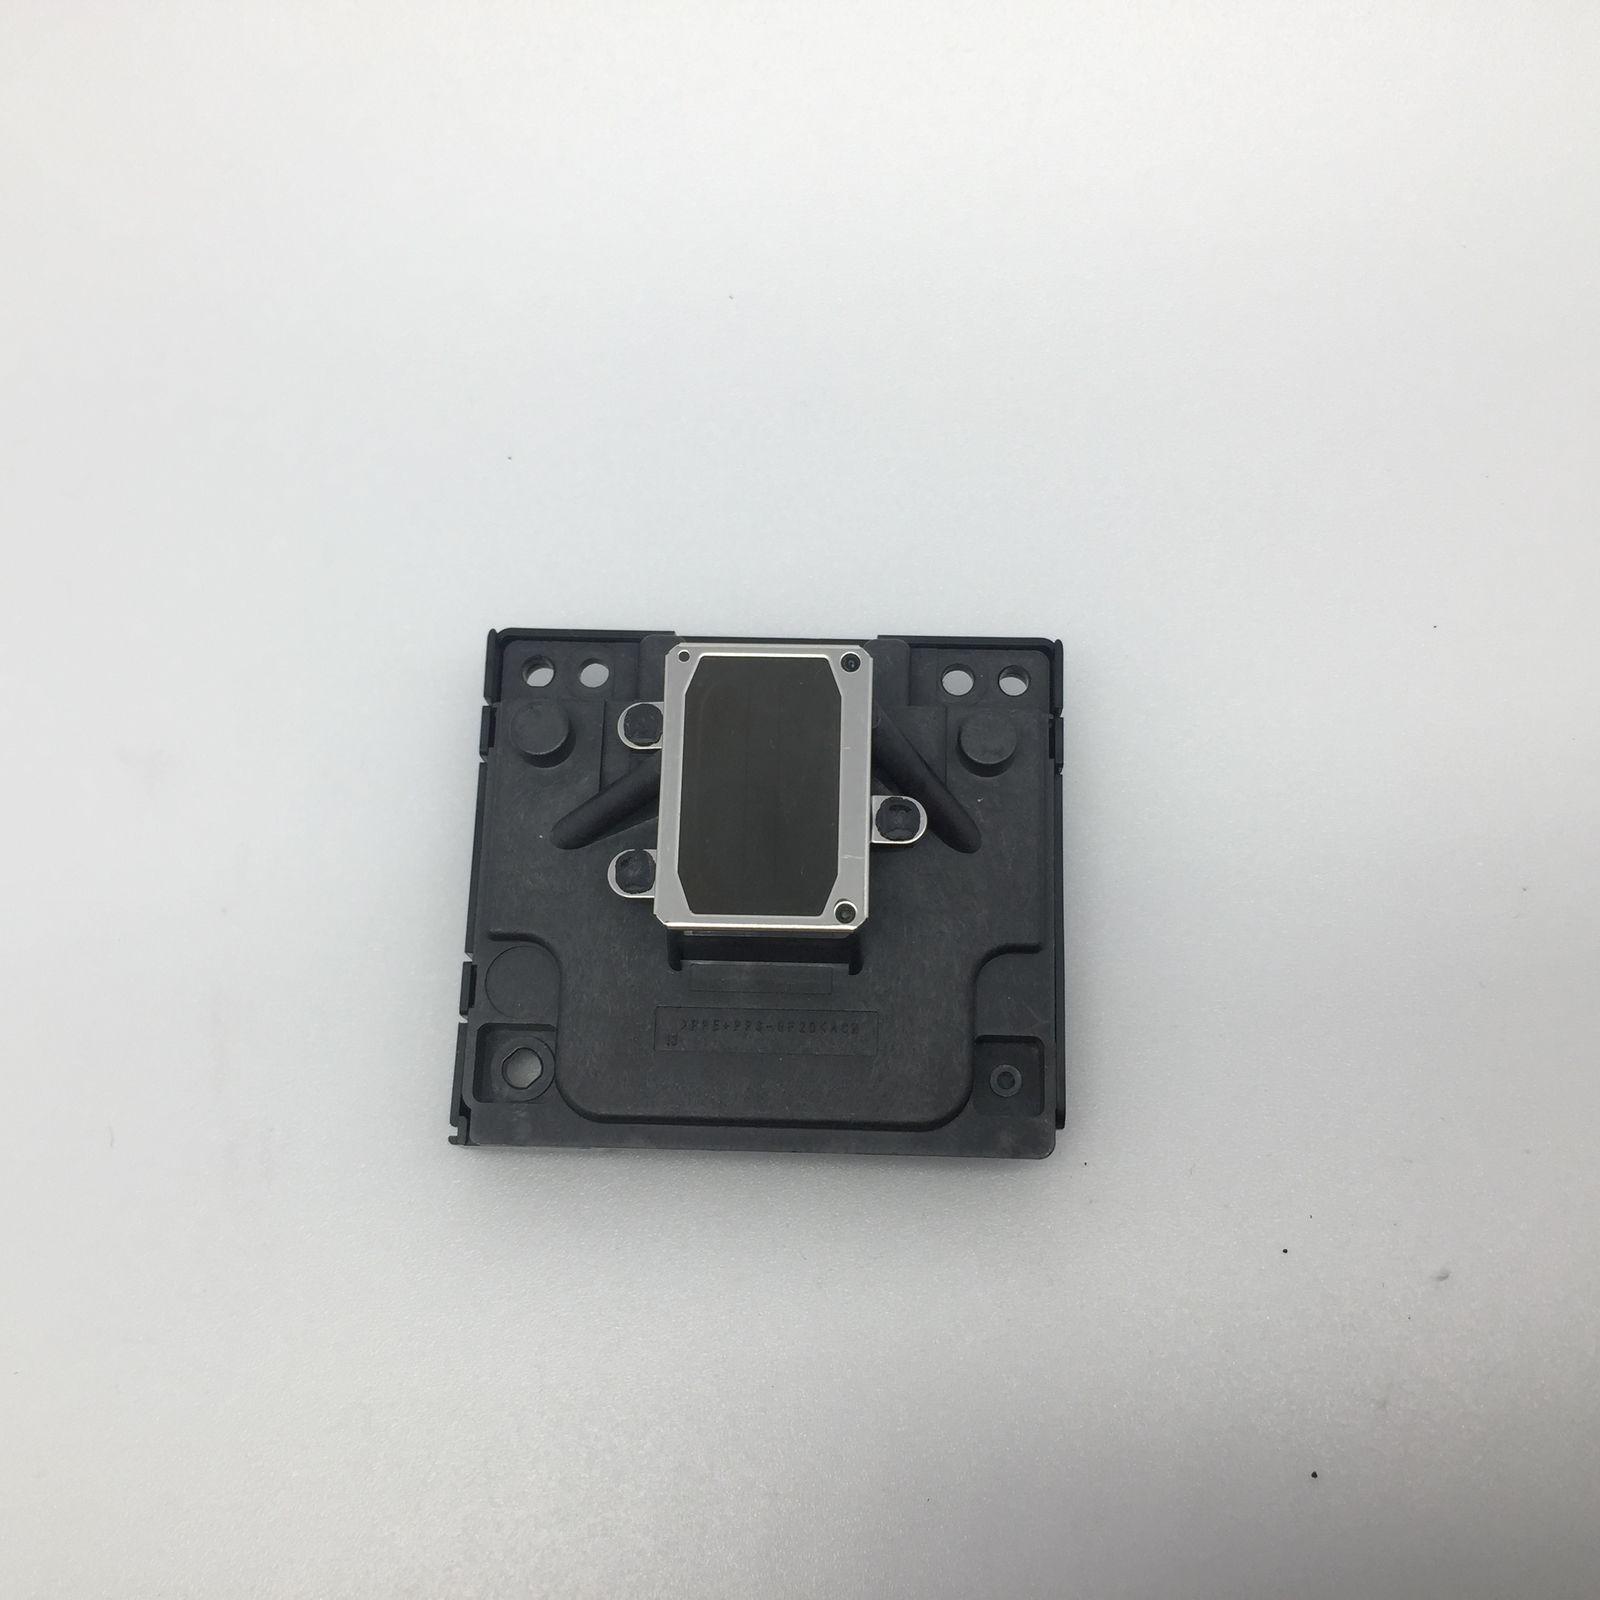 Original Print Head Compatible For EPSON ME2 ME200 ME3 ME33 ME35 350 600F 620F CX3900 CX3905 DX4000 DX4450 CX4450 Printhead